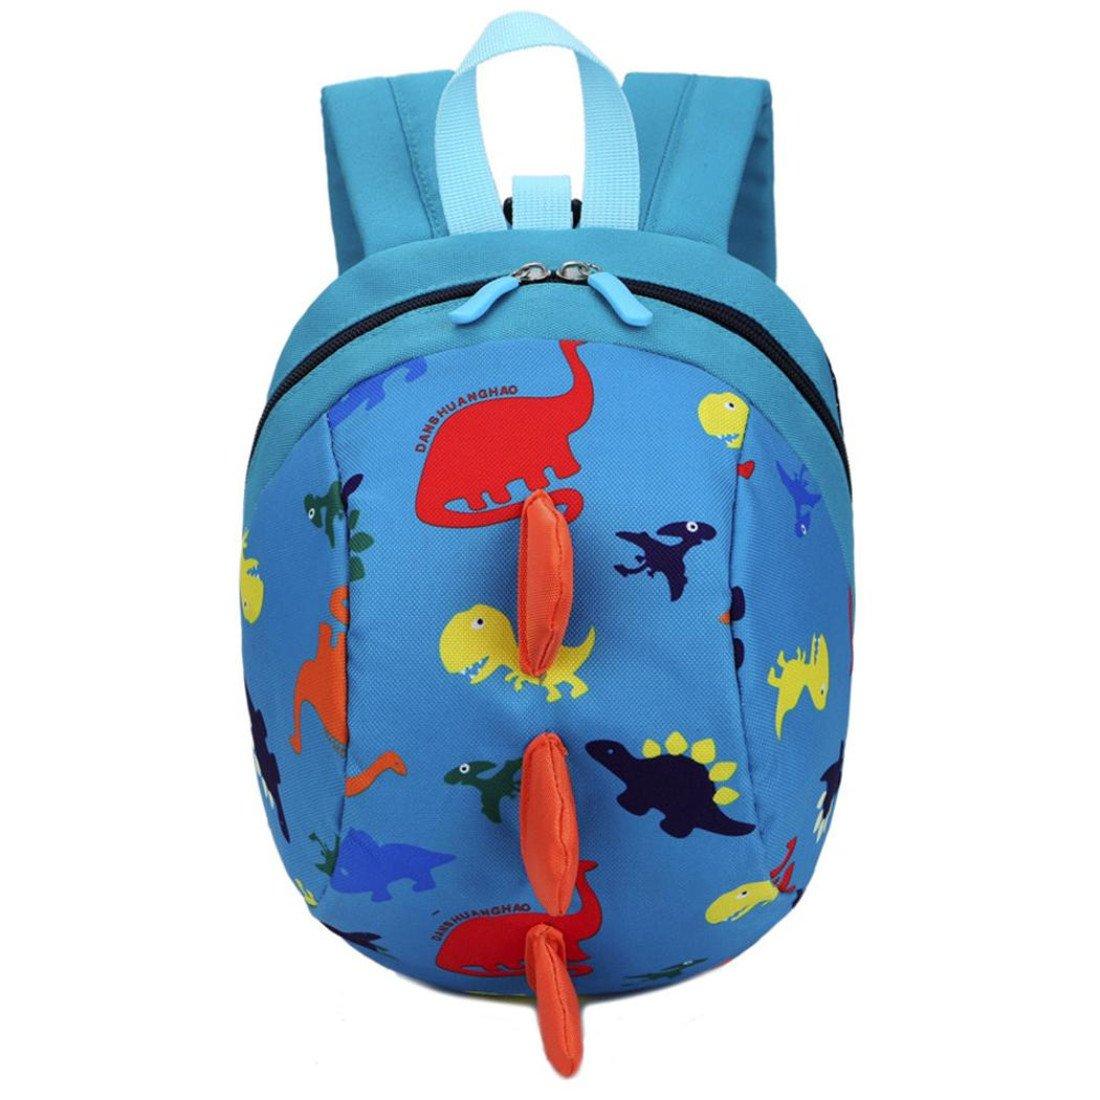 Schultasche Kleinkind Btruely Jungen Mädchen Kinder Dinosaurier Muster Tiere Rucksack Kinder Tasche (Dunkel Blau) Btruely_4034